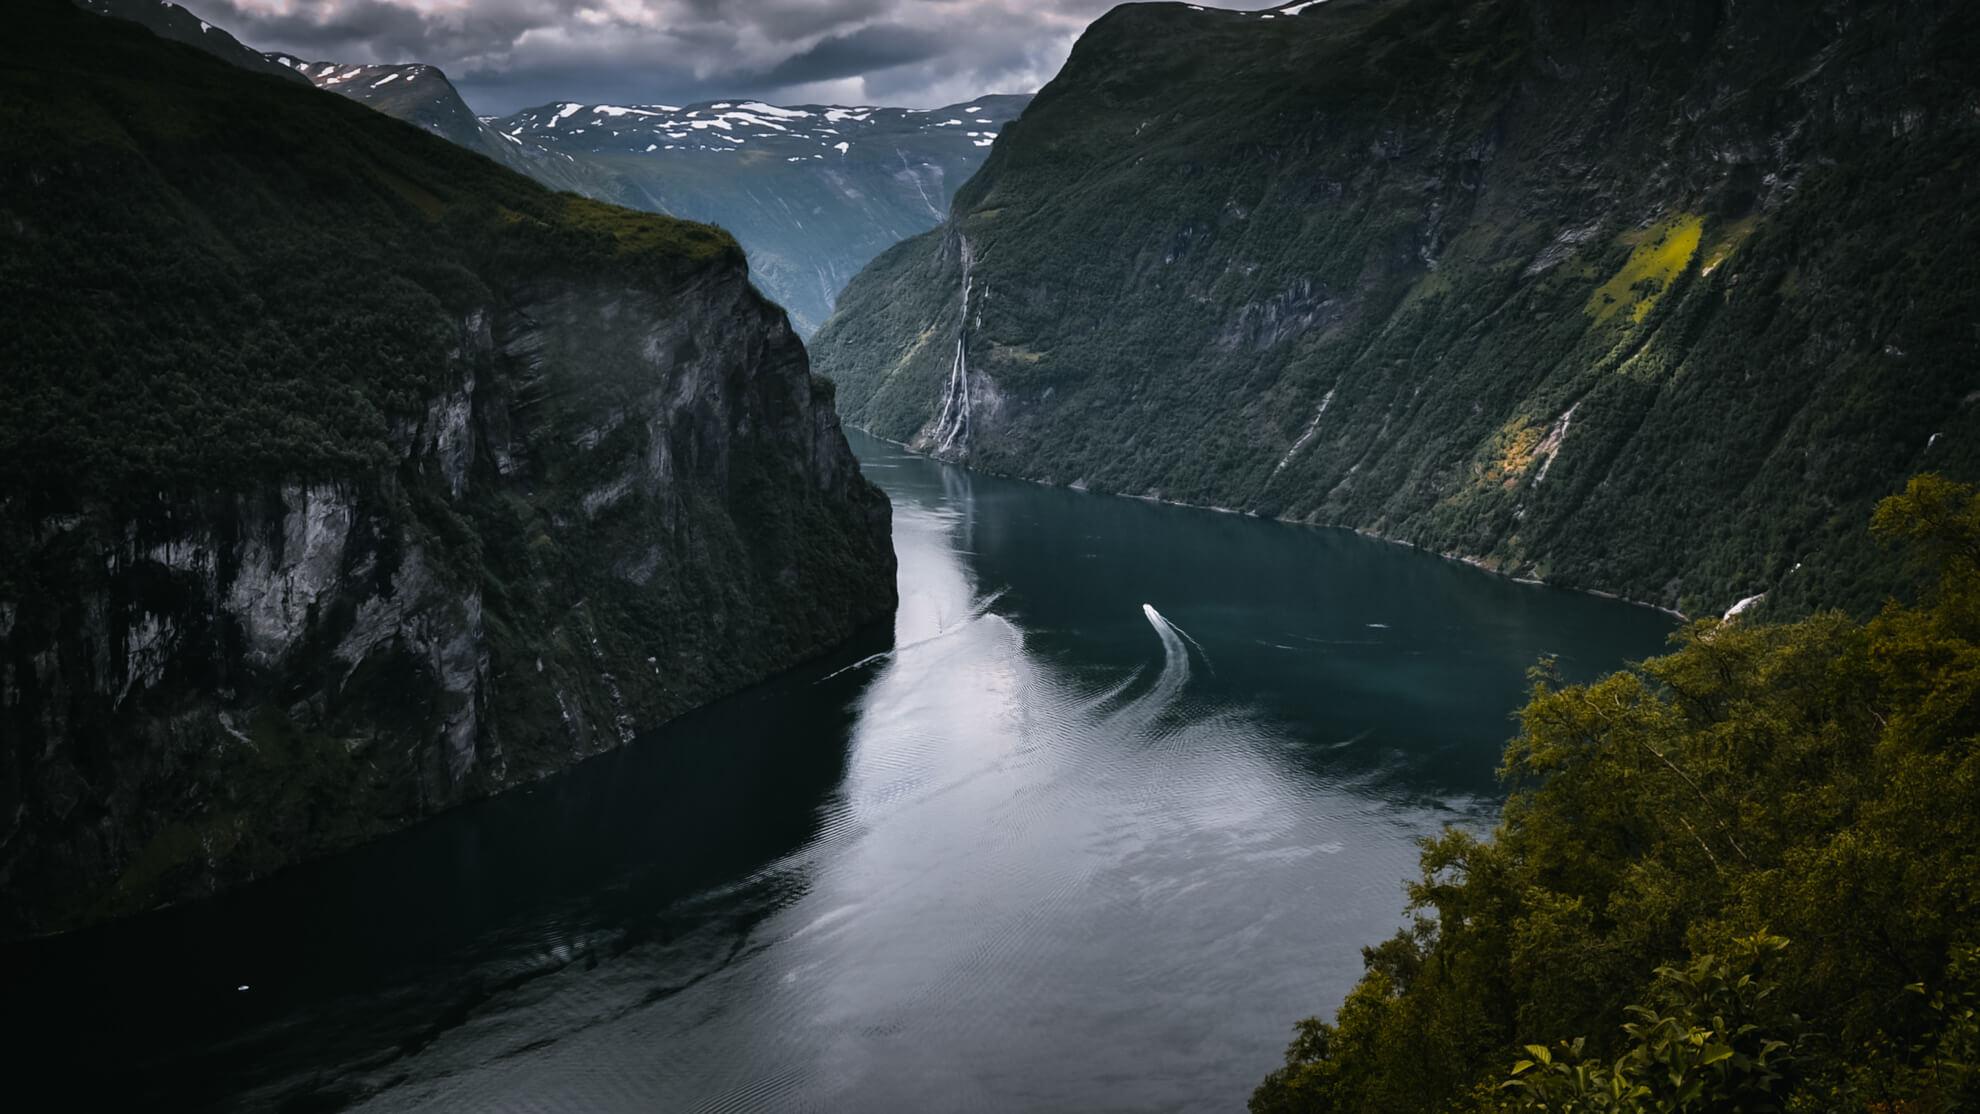 krajobraz przyroda Norwegia 1920x1080